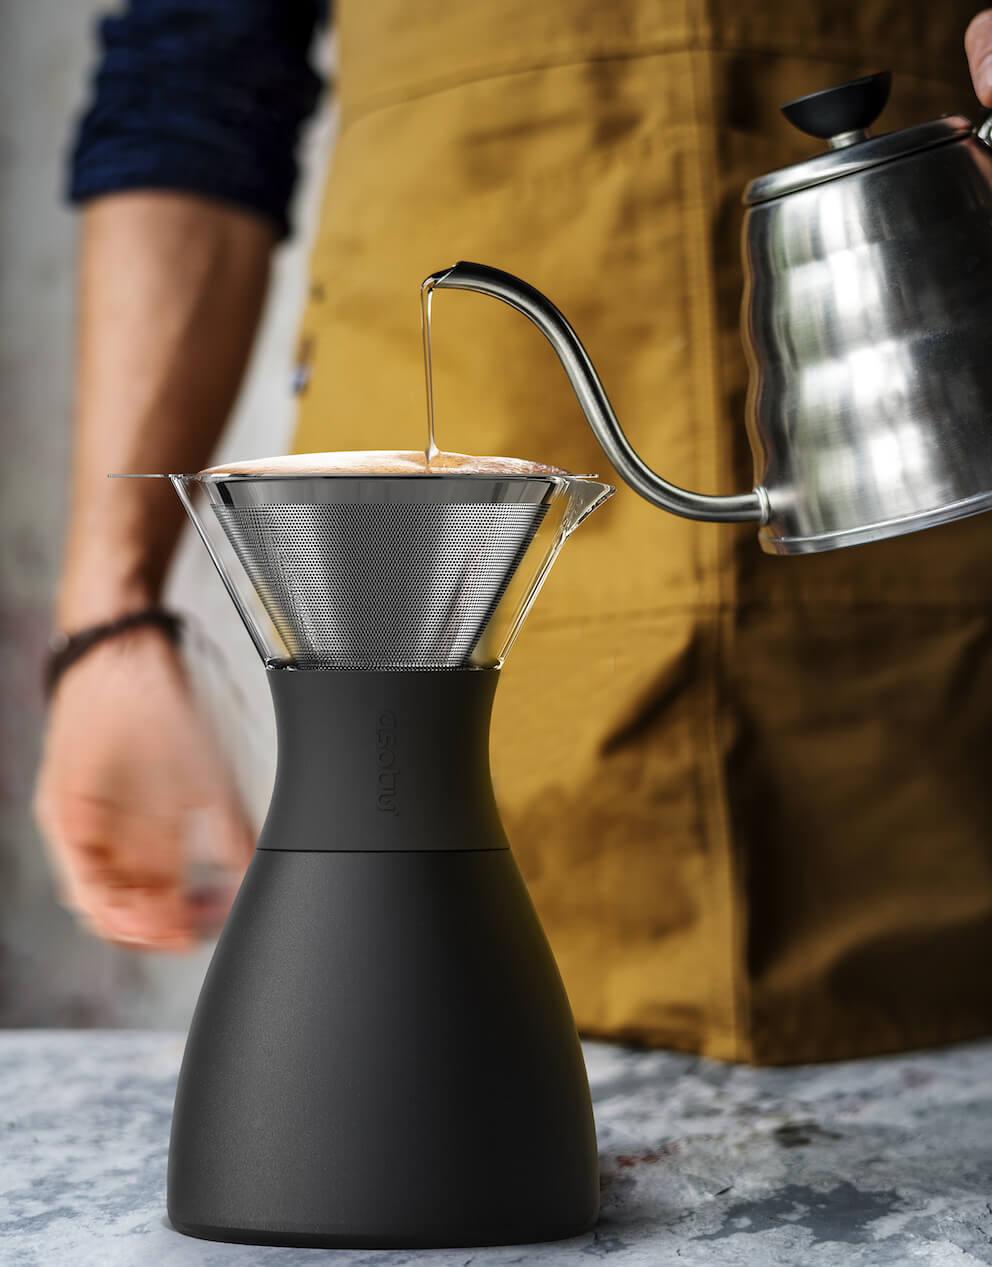 Asobu Pour Over Kaffeebereiter